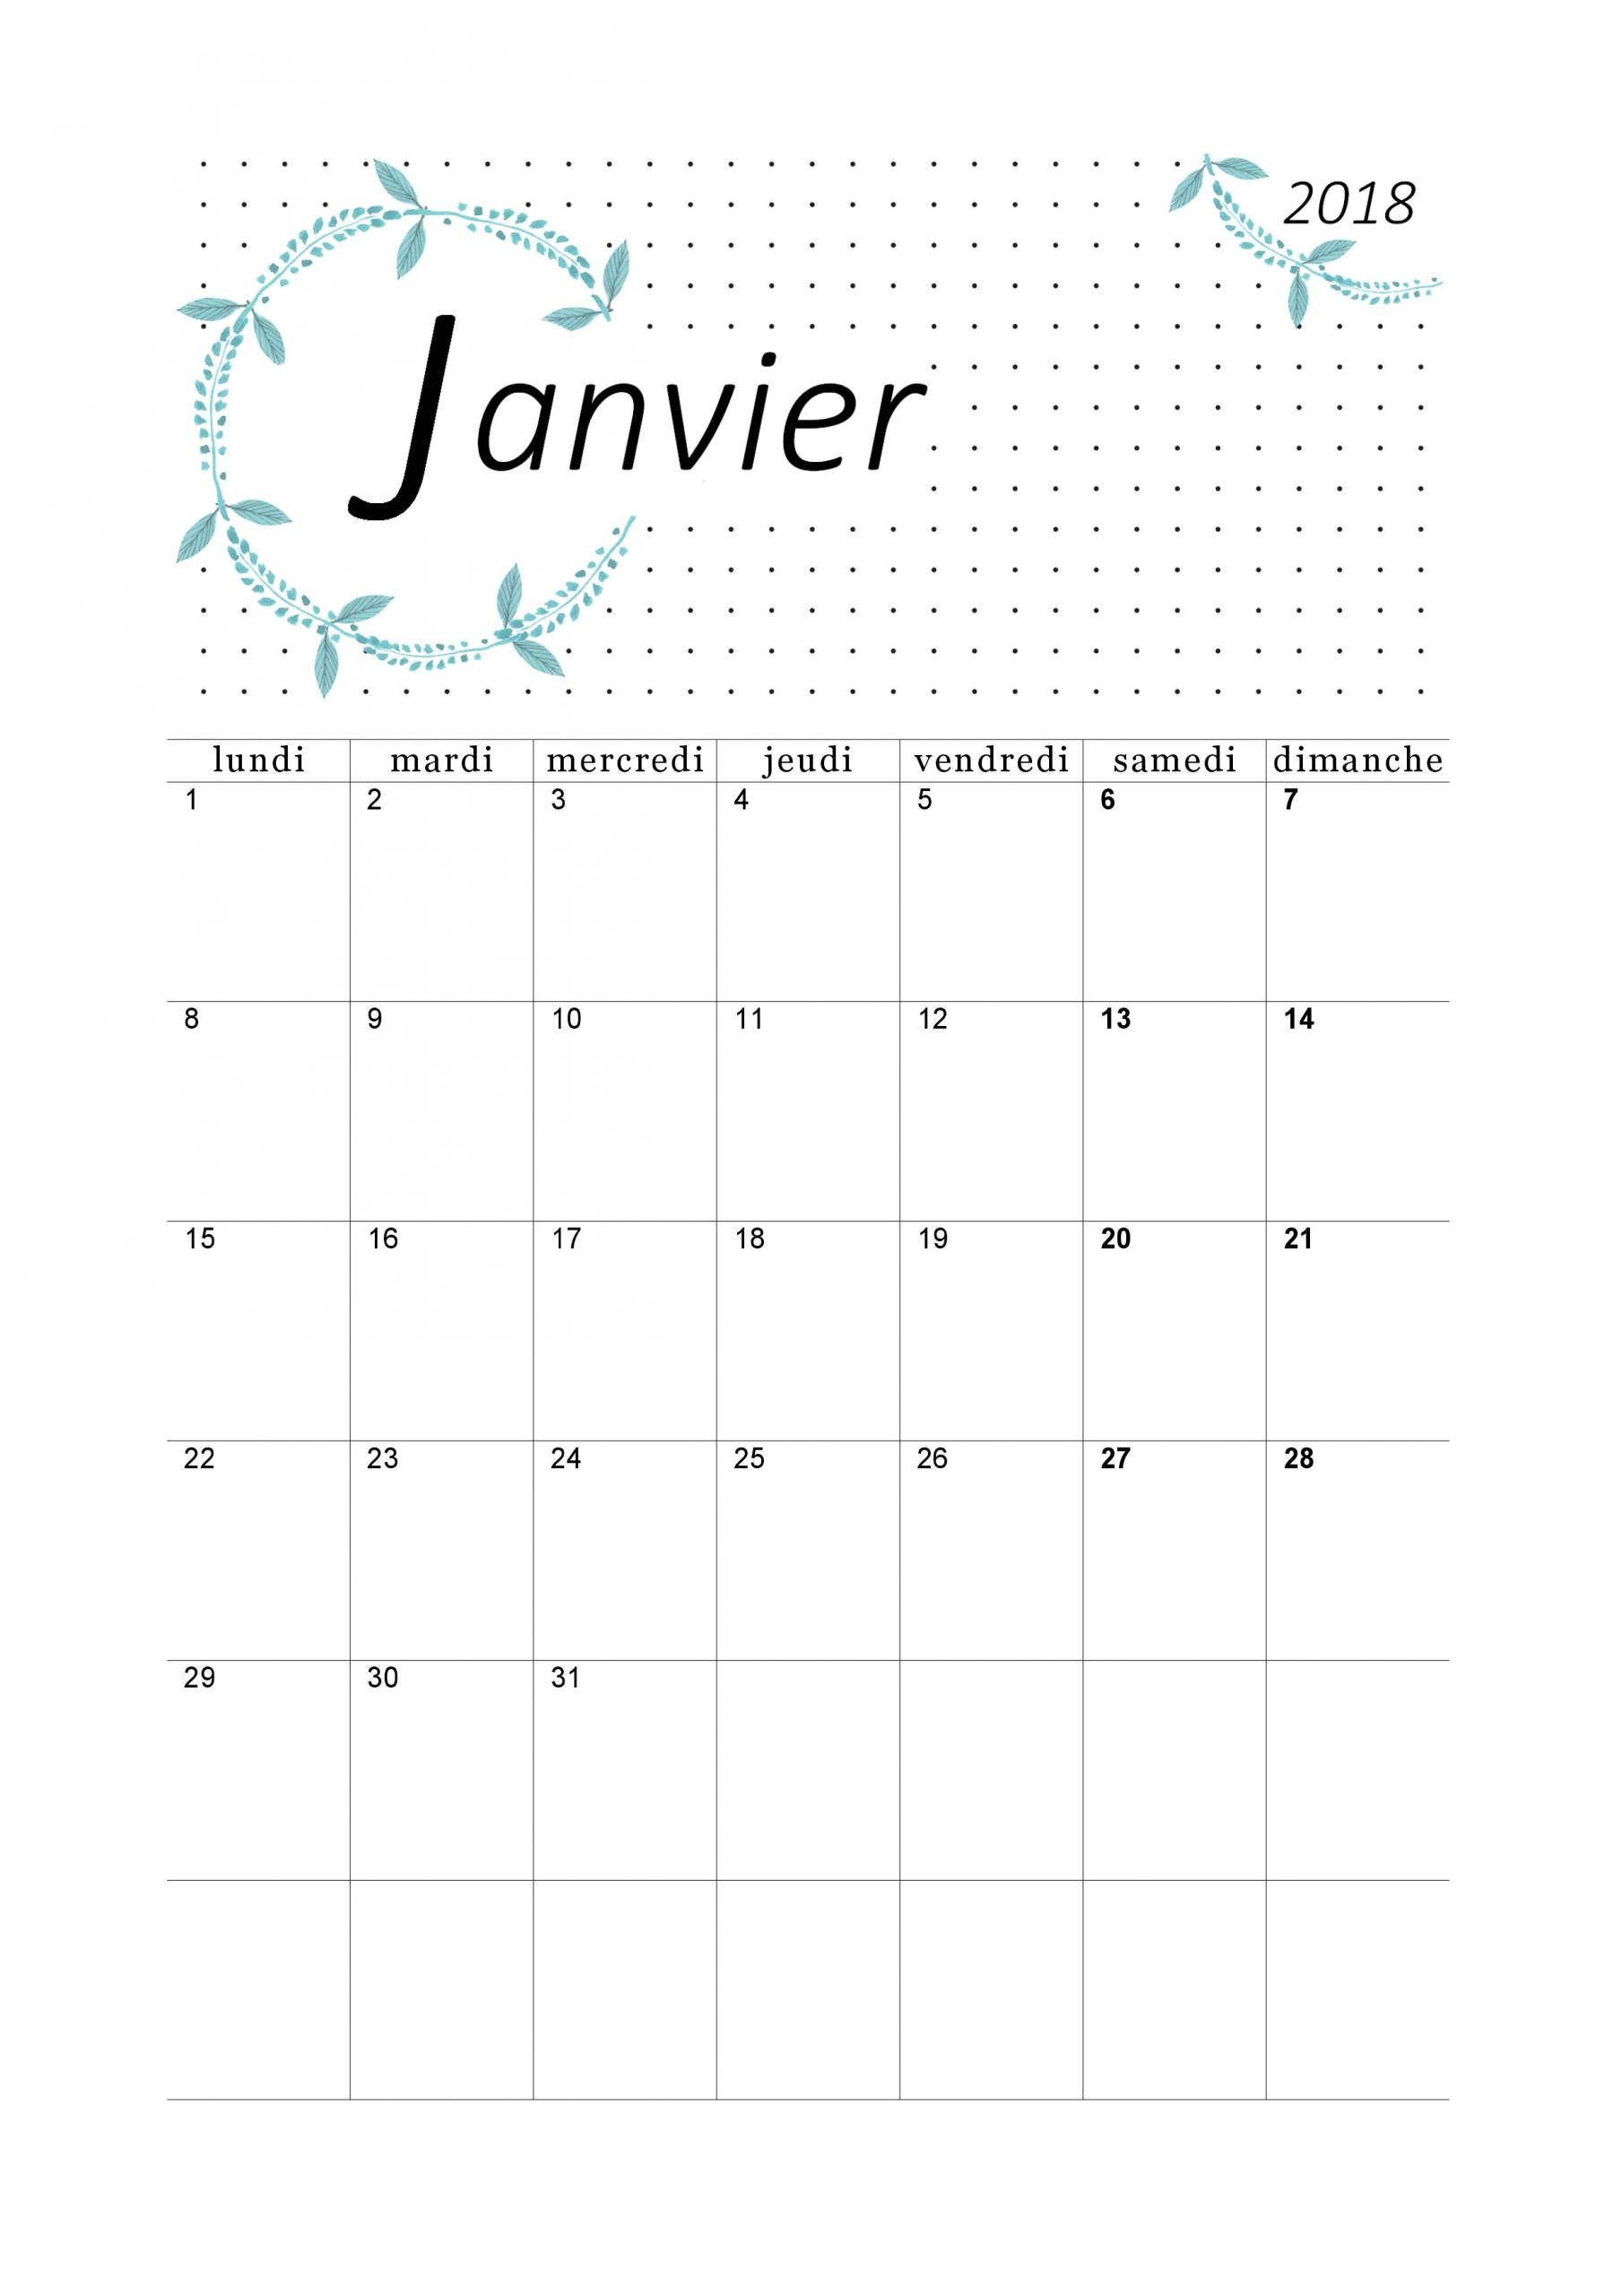 Calendrier Janvier 2018 À Imprimer - | Calendrier Imprimable destiné Calendrier A Imprimer 2018